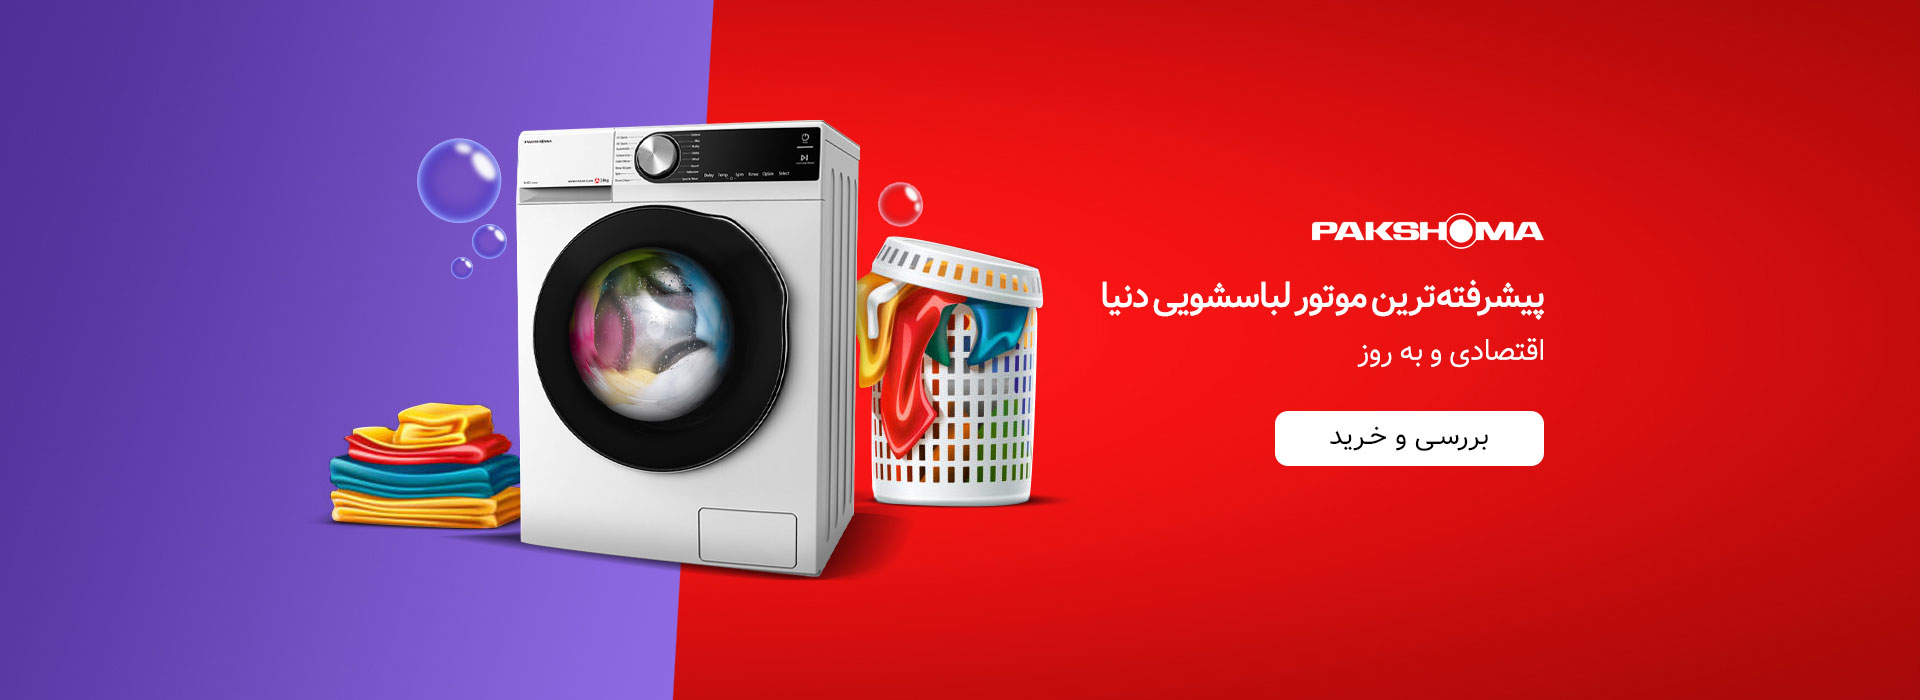 ماشین لباسشویی pakshoma